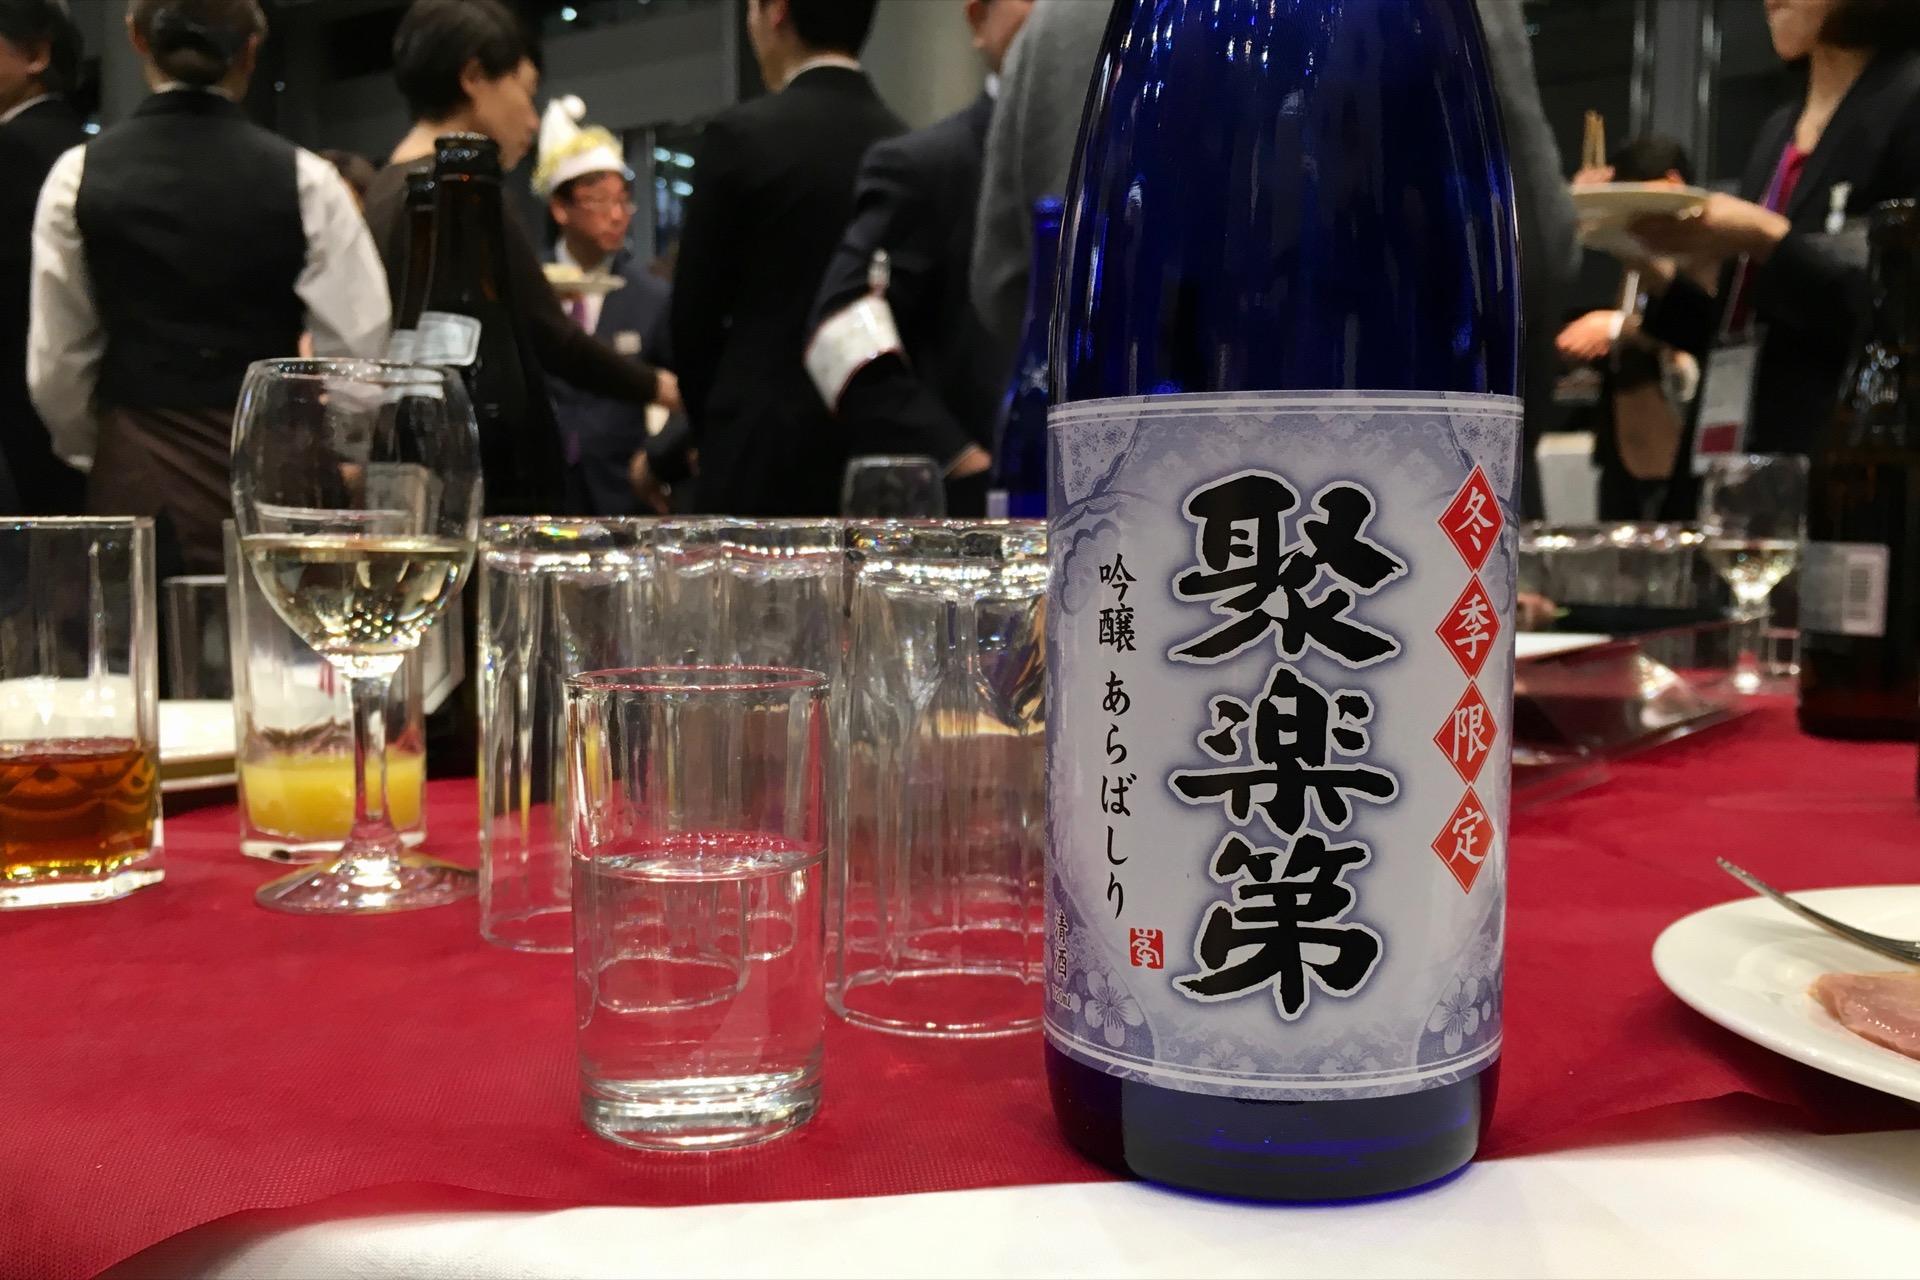 聚楽第 吟醸 あらばしり|日本酒テイスティングノート